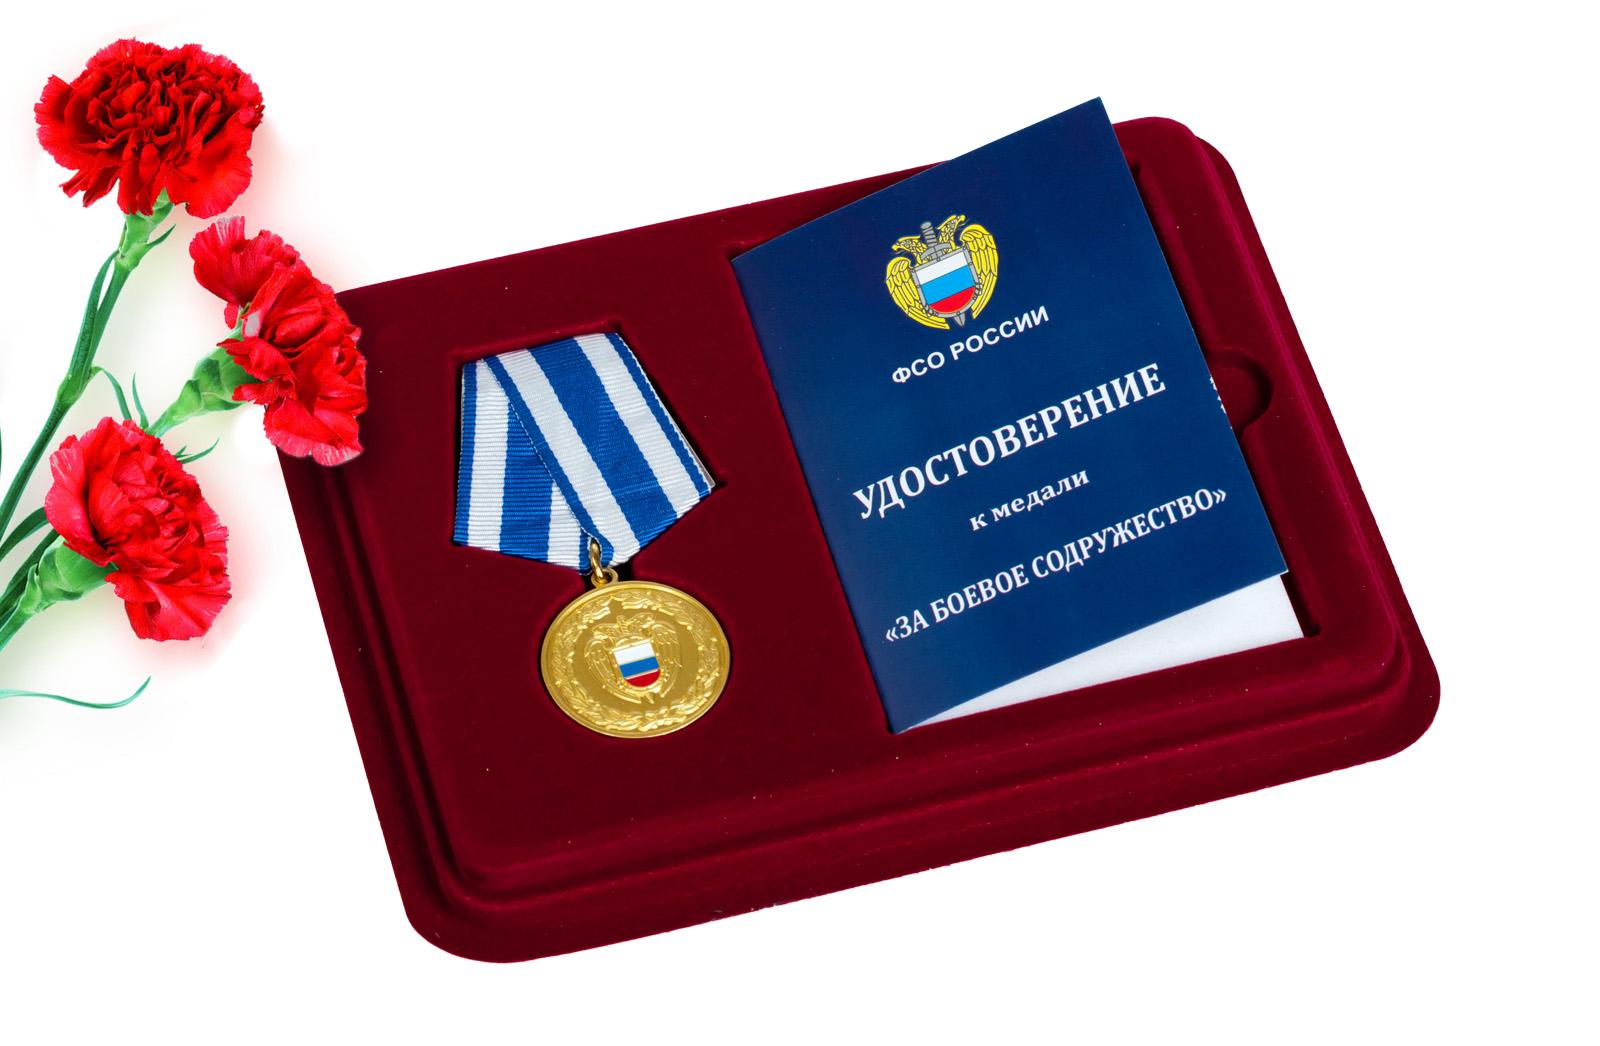 Купить медаль За боевое содружество ФСО России с доставкой в ваш город